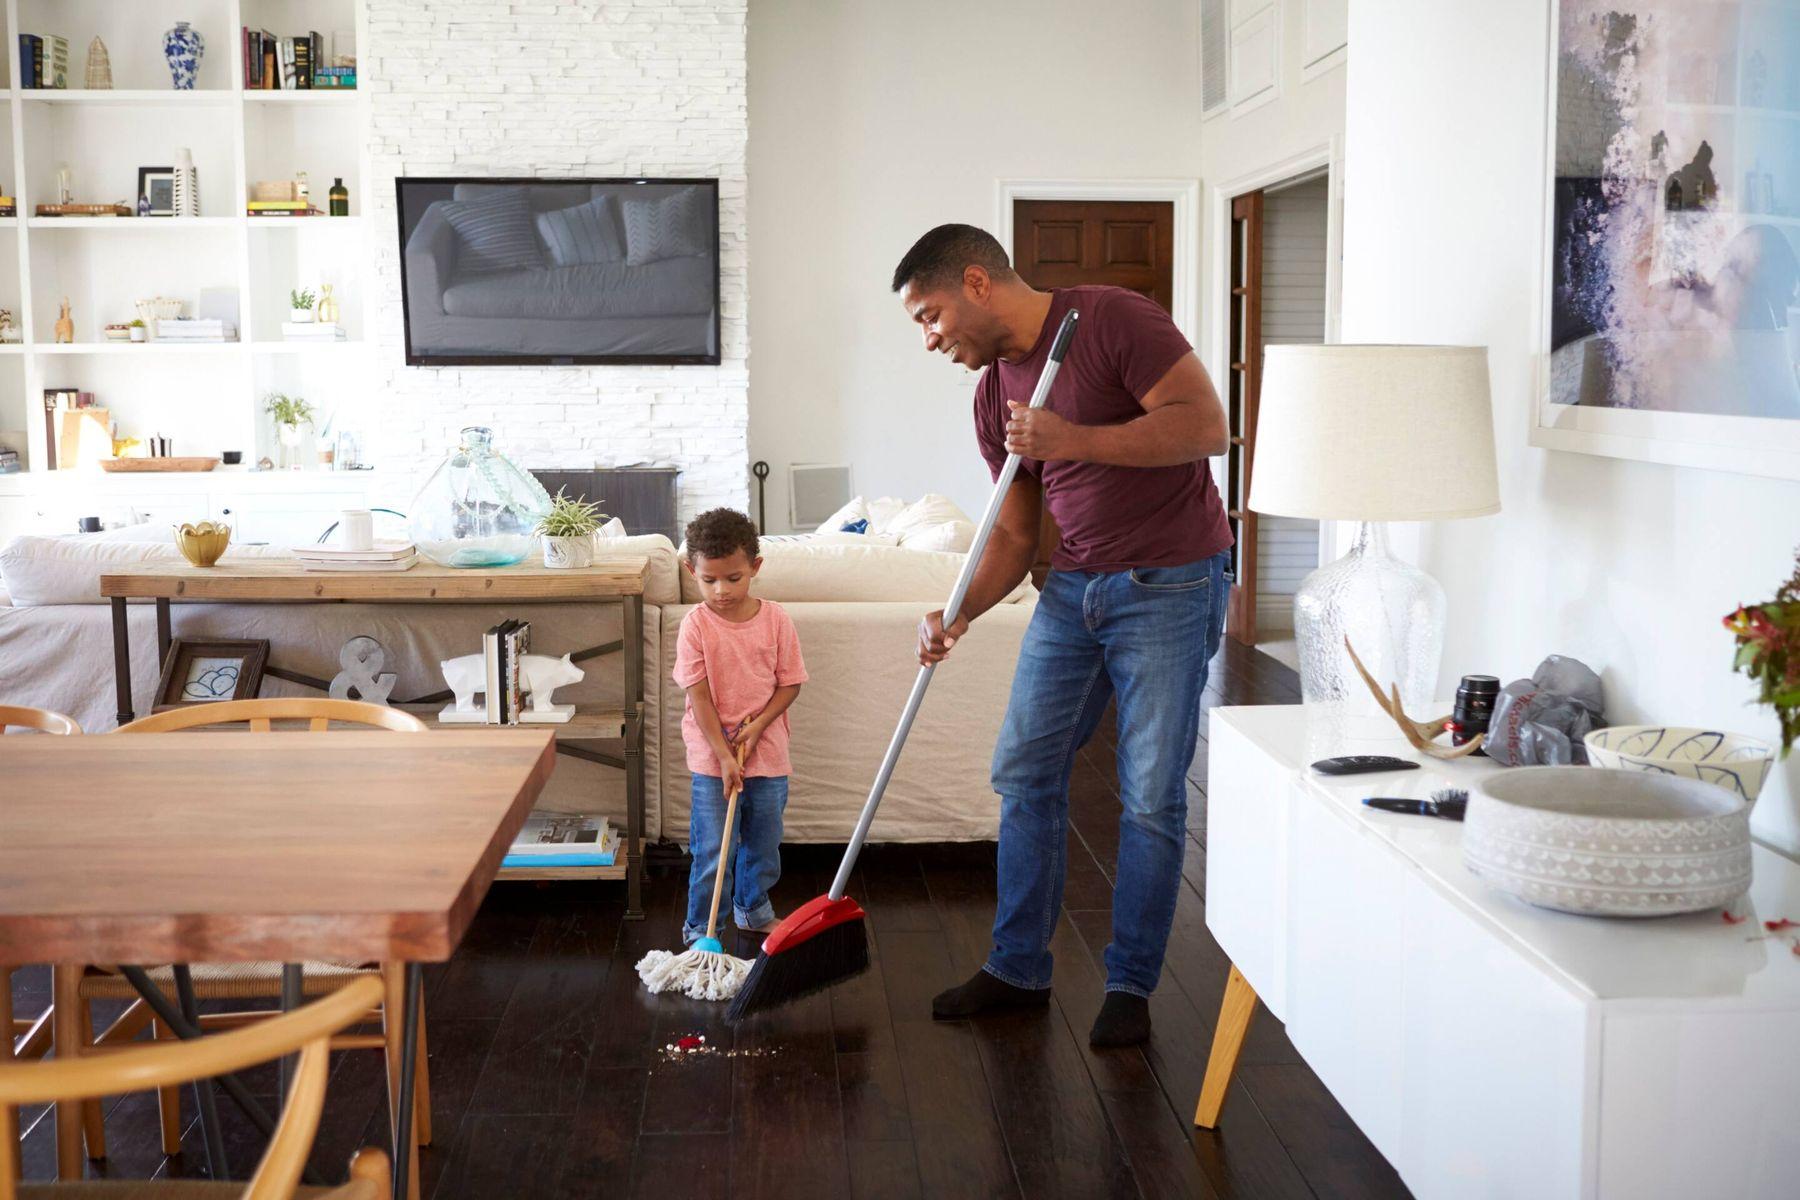 5 Bề mặt vật dụng bạn thường bỏ quên khi lau dọn